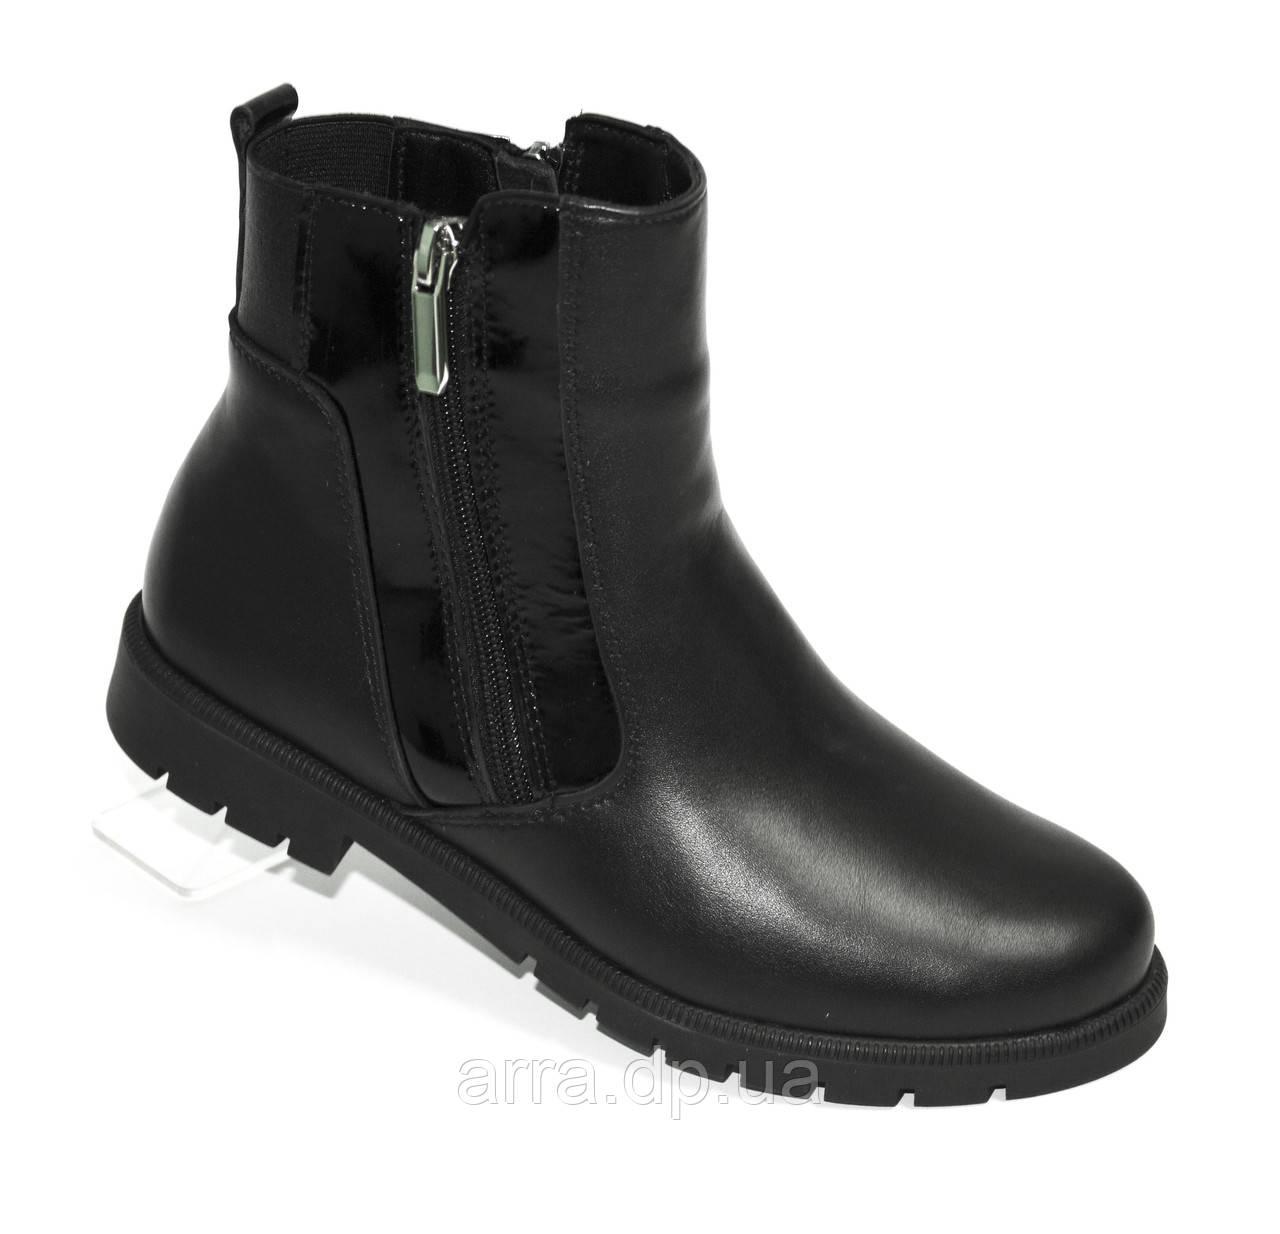 Зимние ботинки с двумя молниями